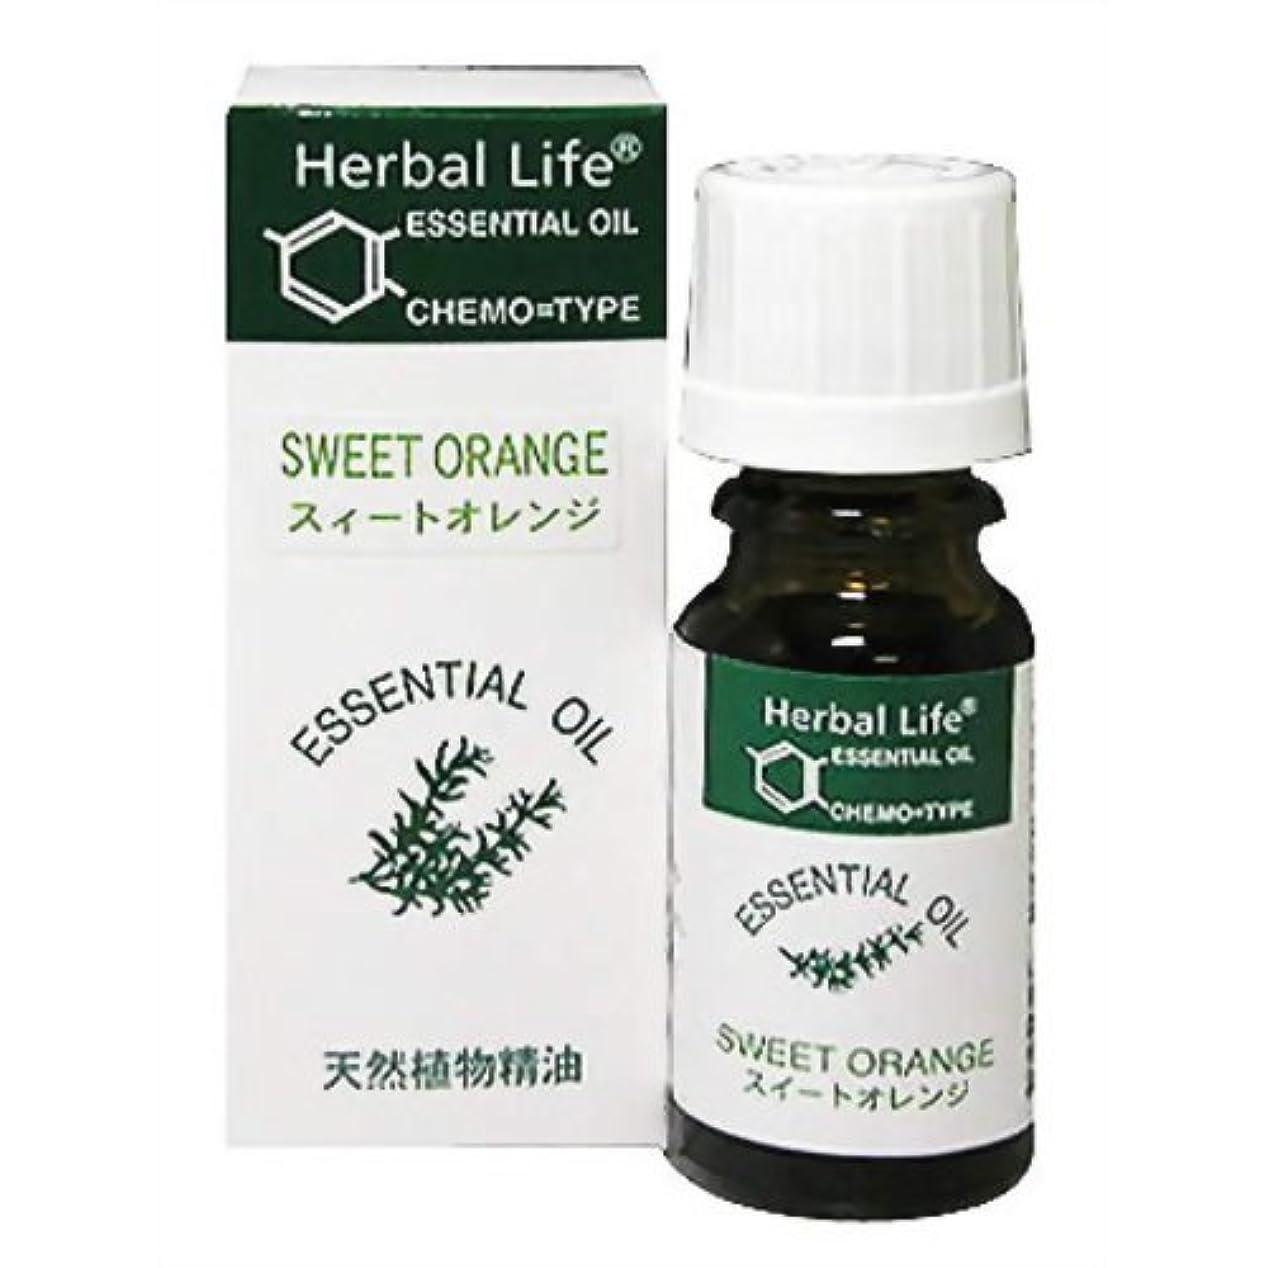 形成視力苦悩生活の木 Herbal Life スィートオレンジ 10ml